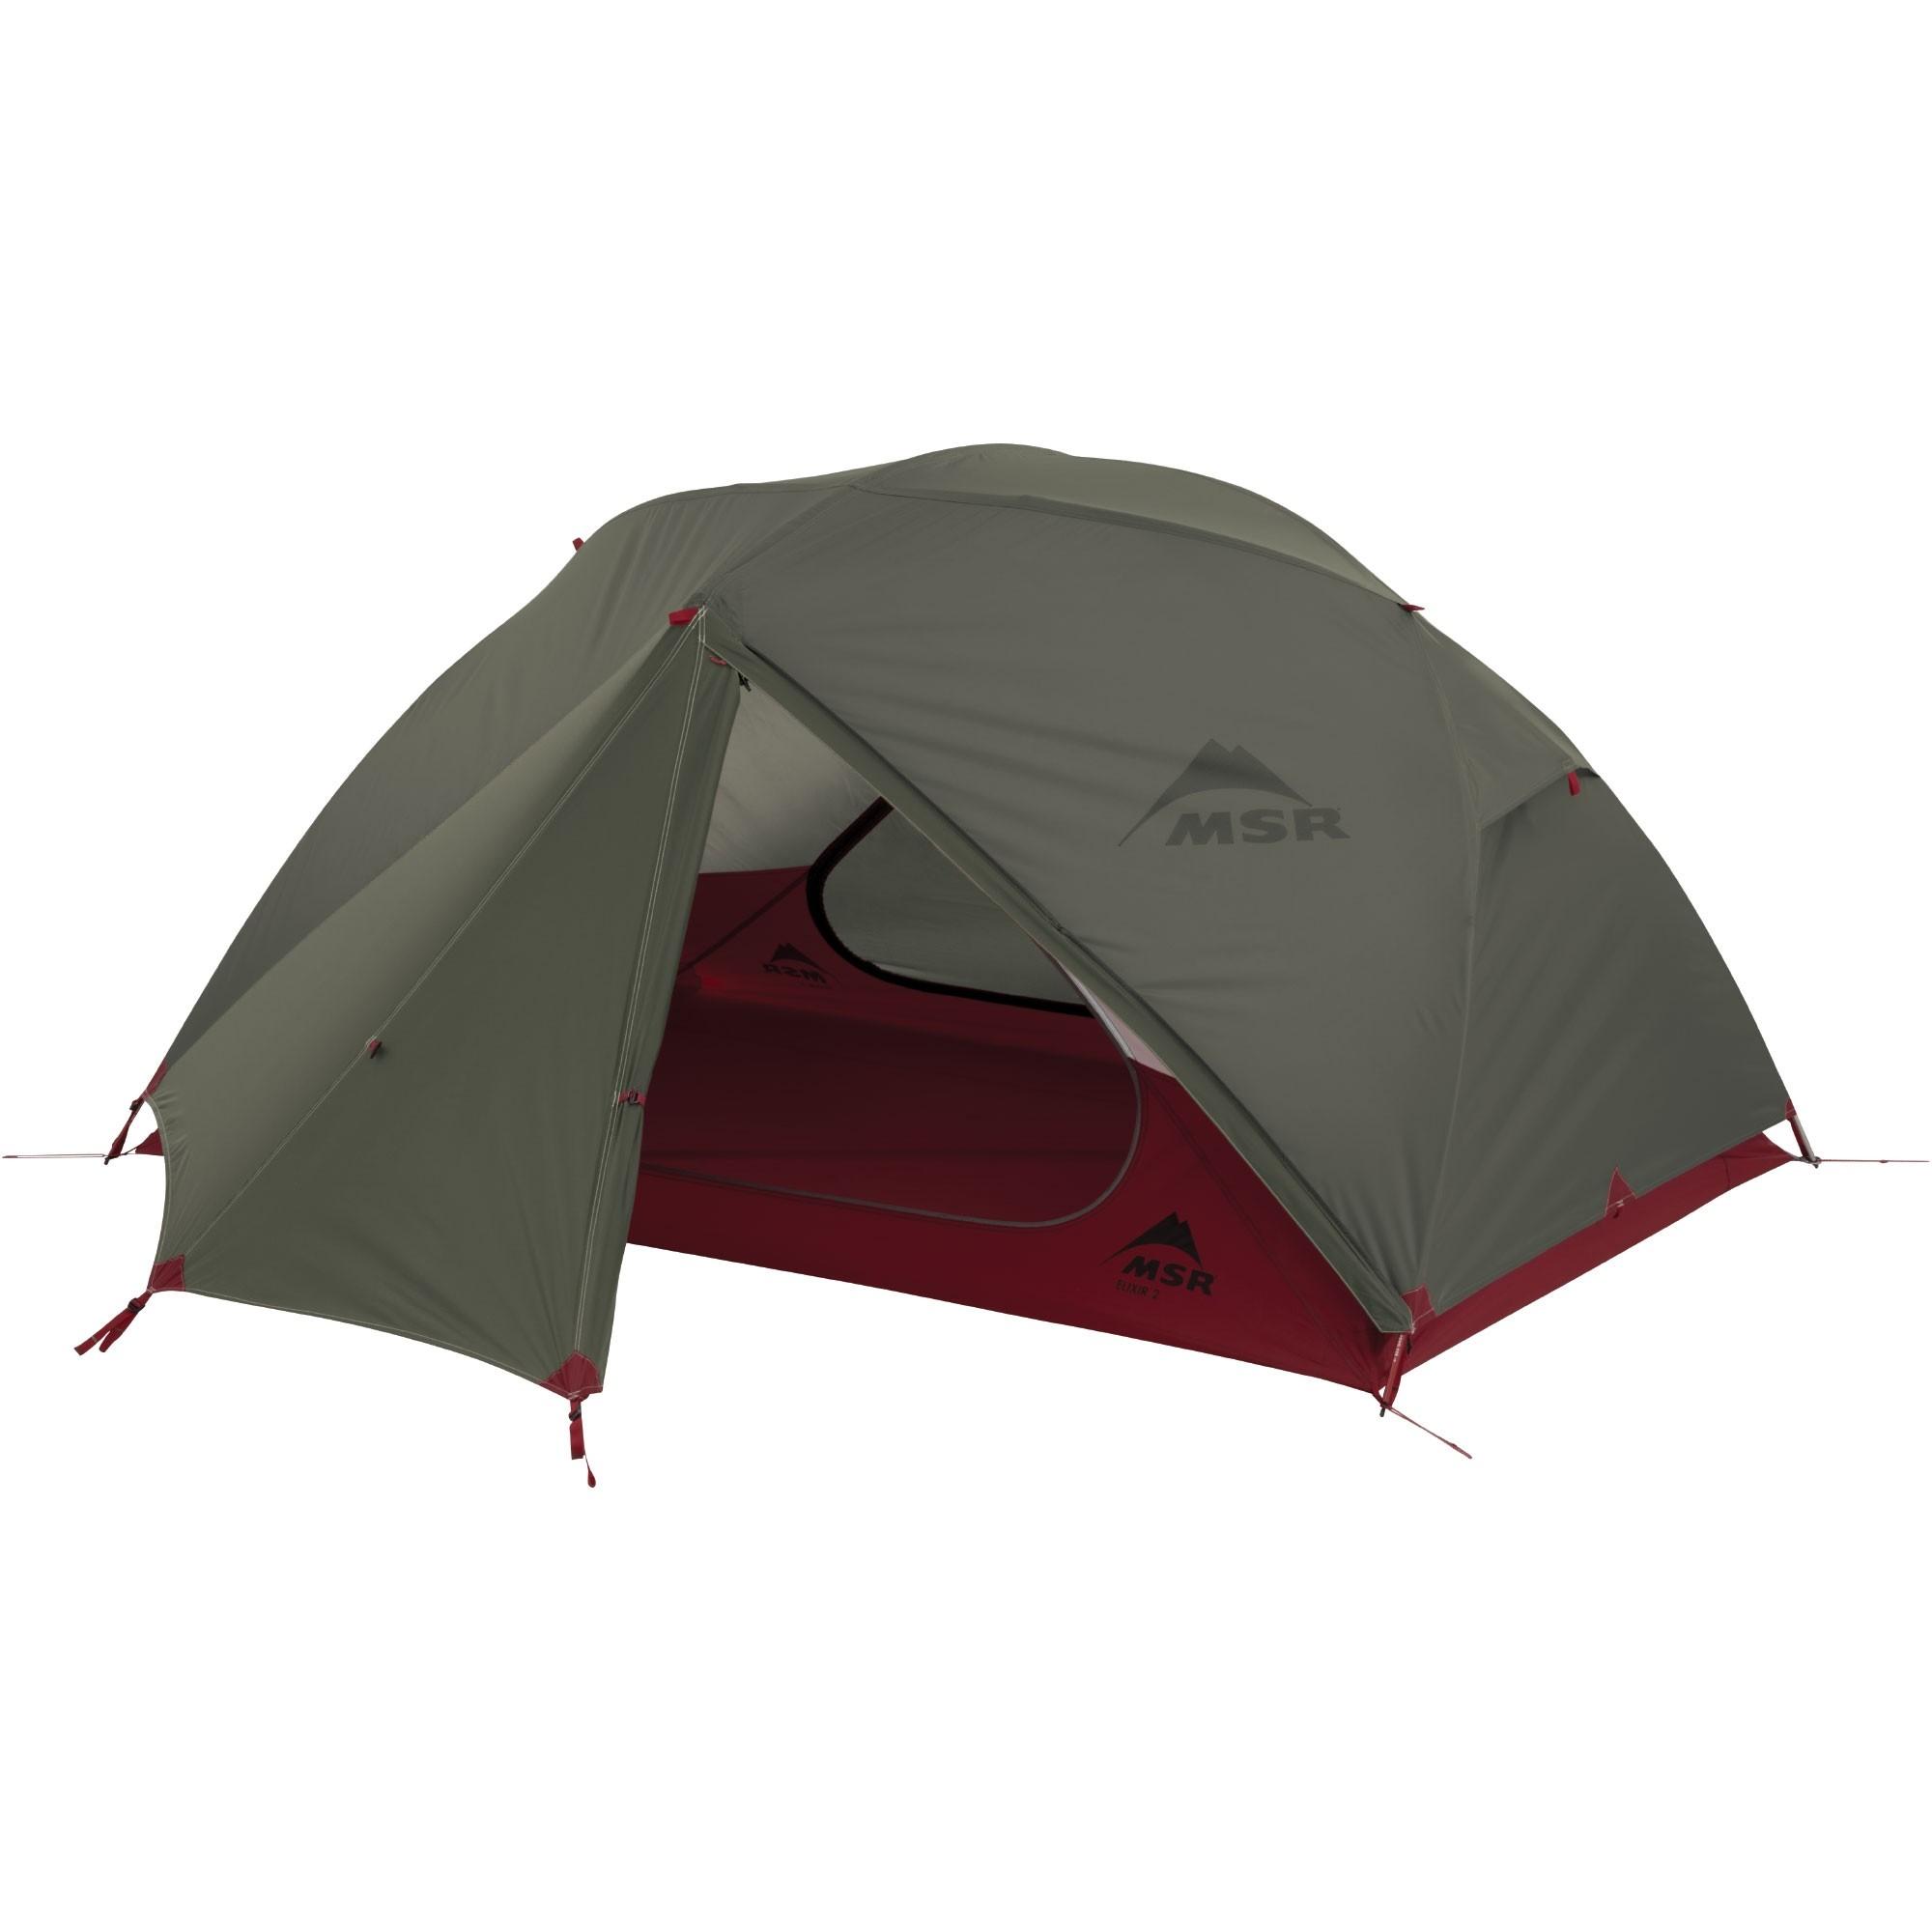 MSR Elixir 2 Tent - Open